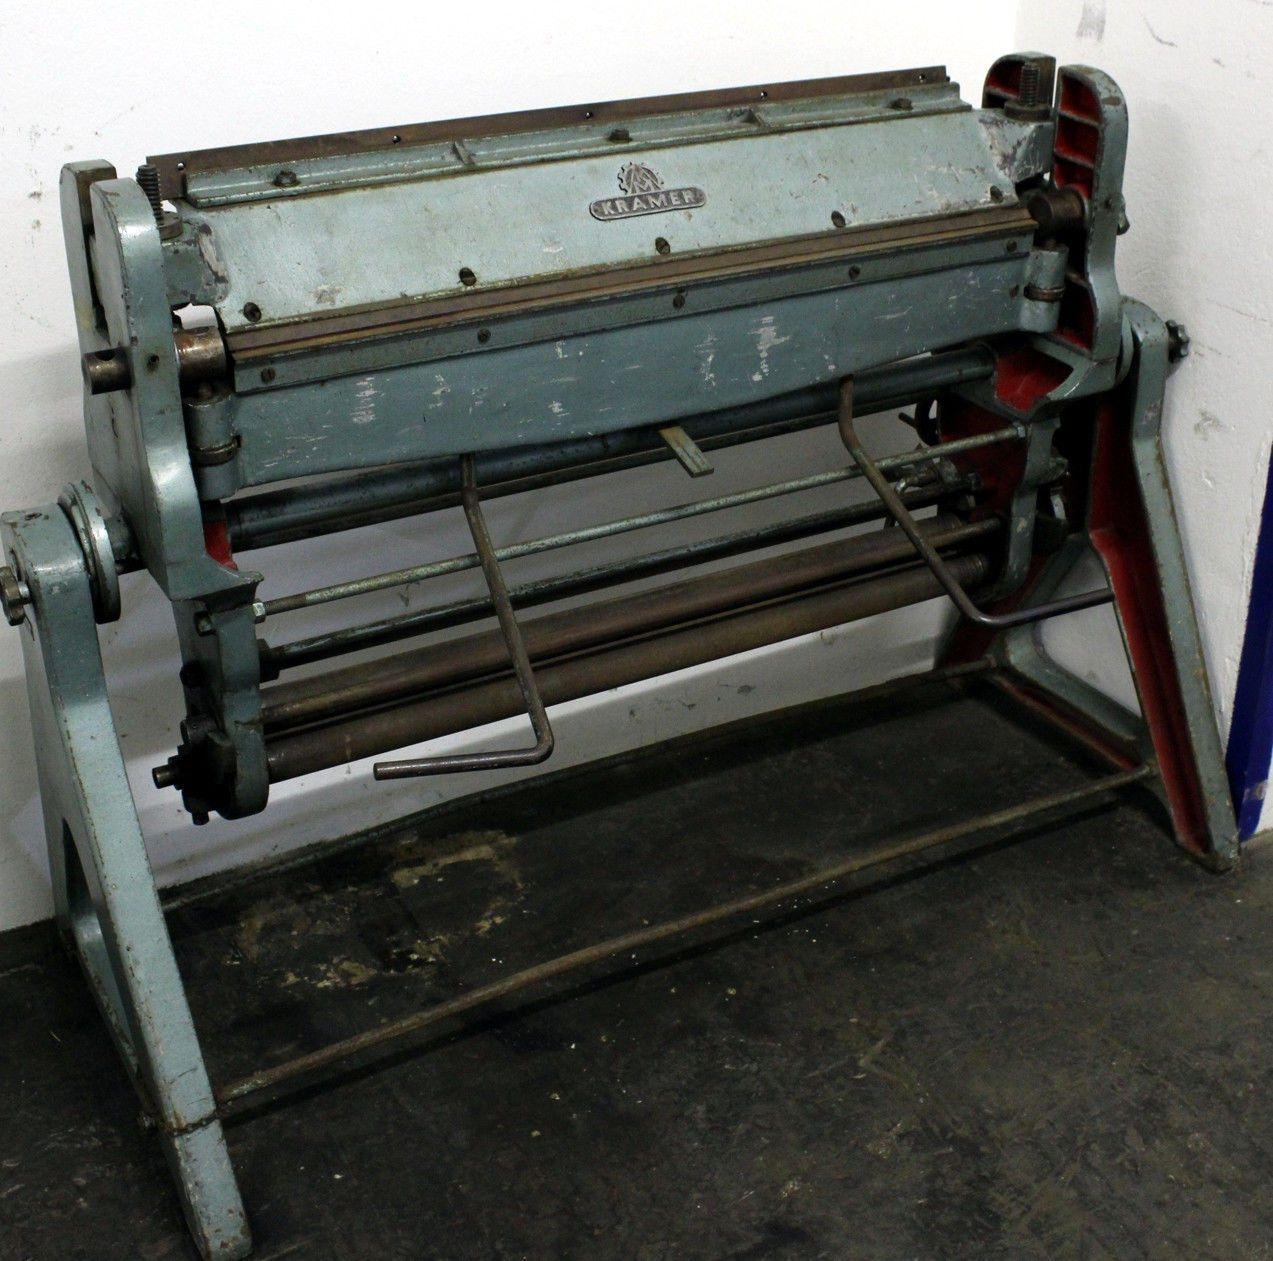 Kombinierte Schwenkbiege-, Falz-, Rund- und Wulstmaschine von KRAMER